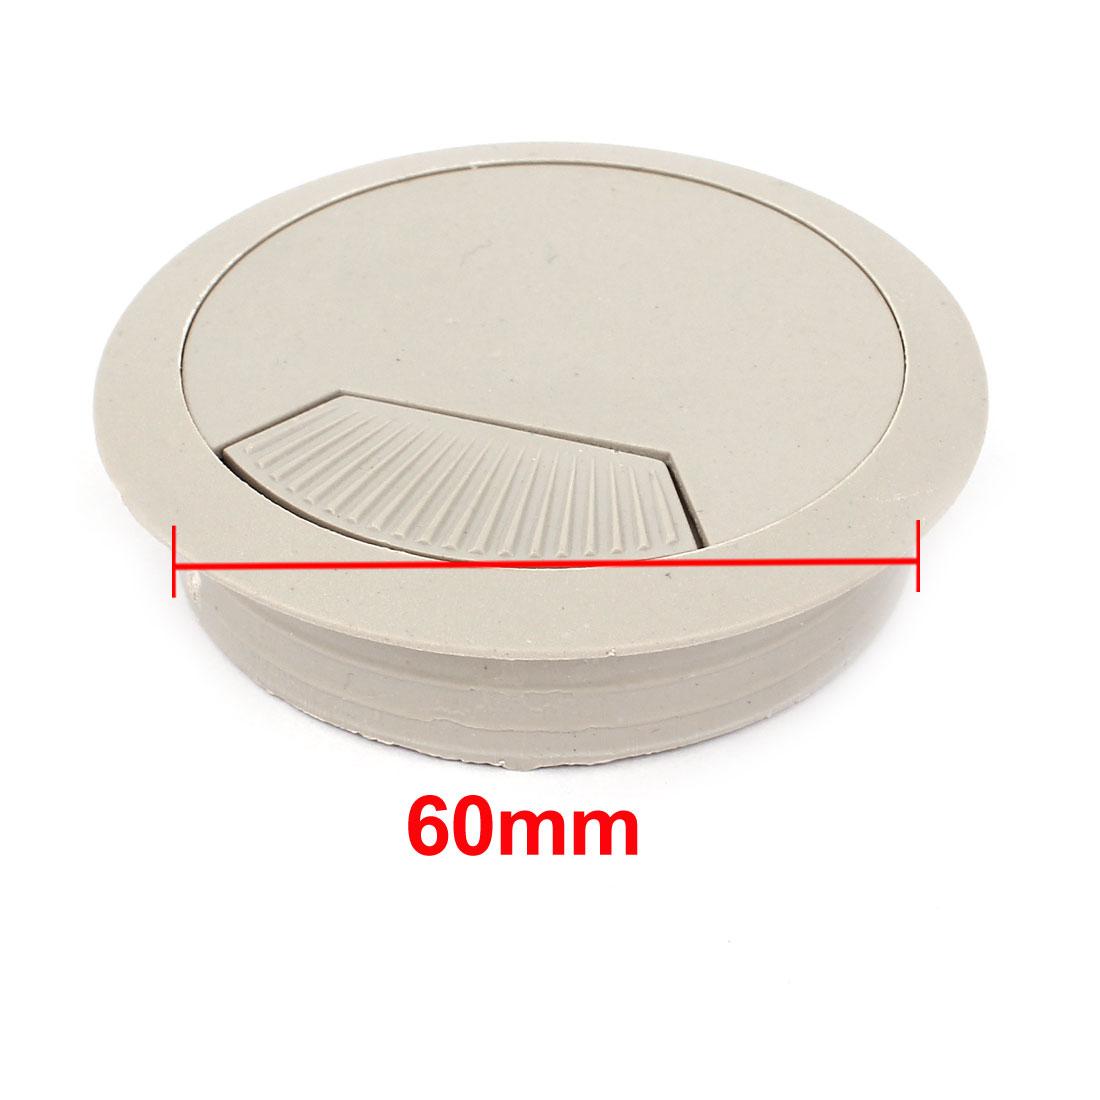 Computer Desk Plastic Grommet Wire Cord Cable Hole Cover Black 60mm Dia 100pcs